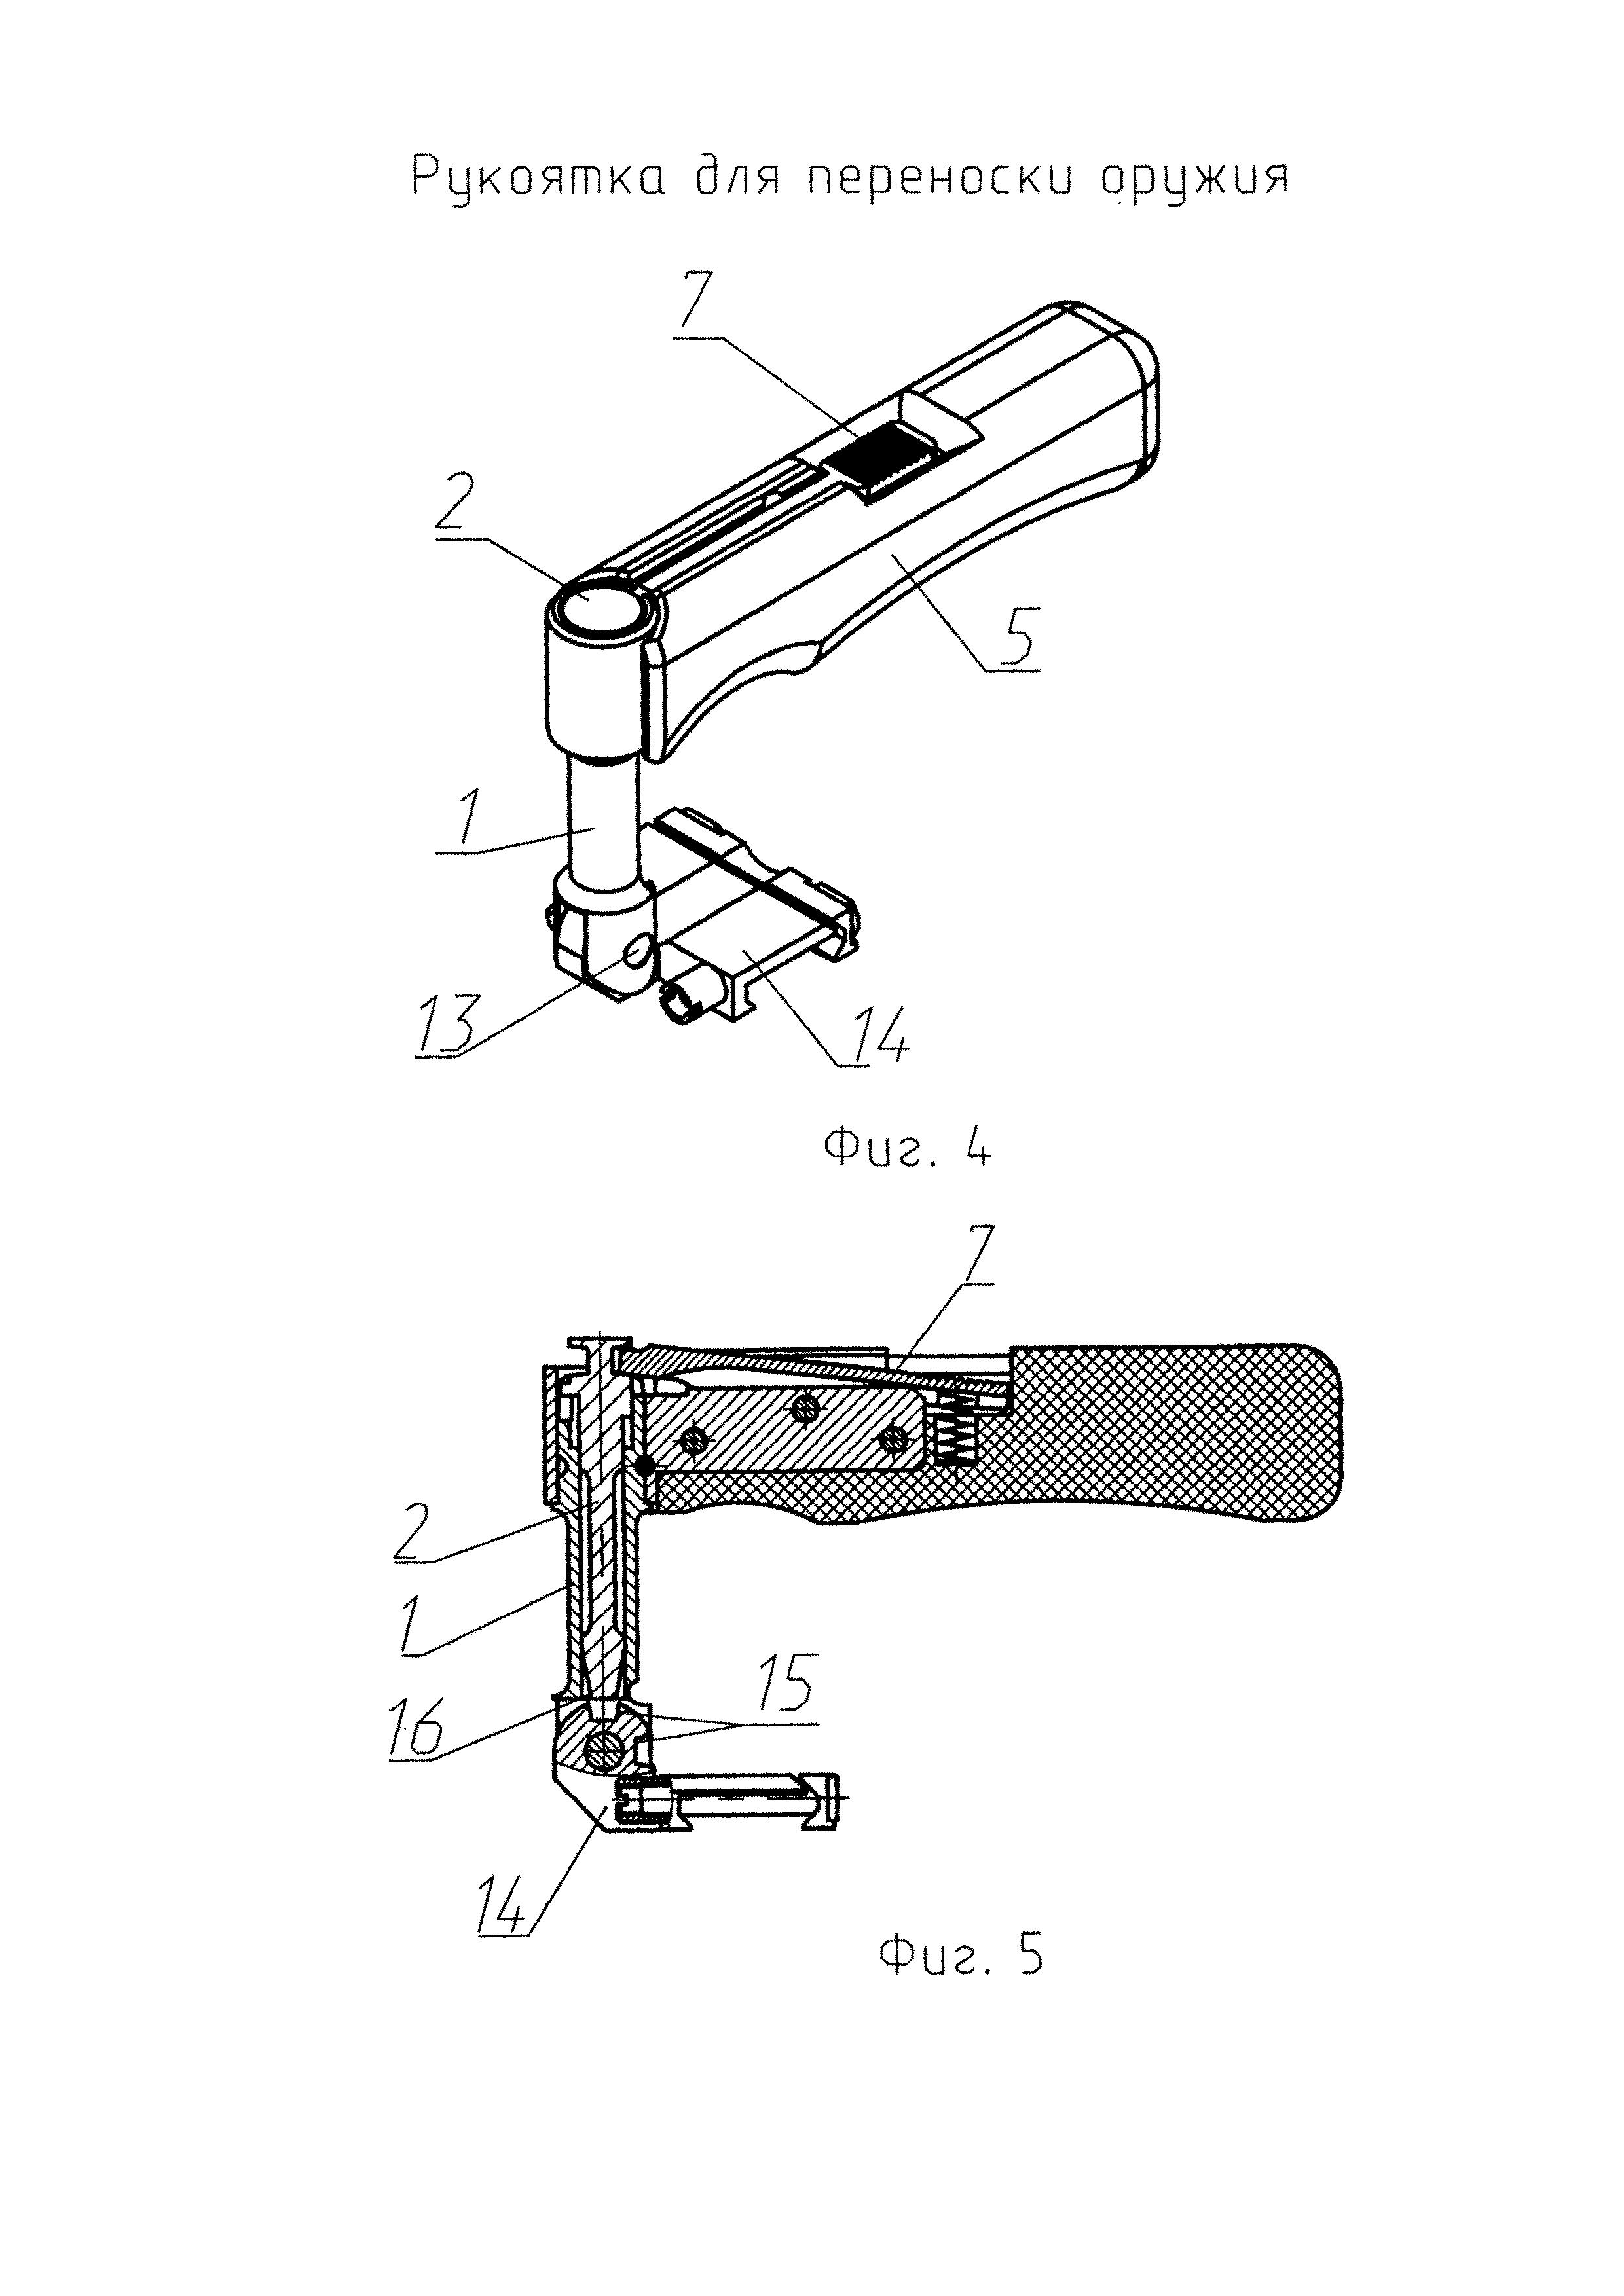 Рукоятка для переноски оружия